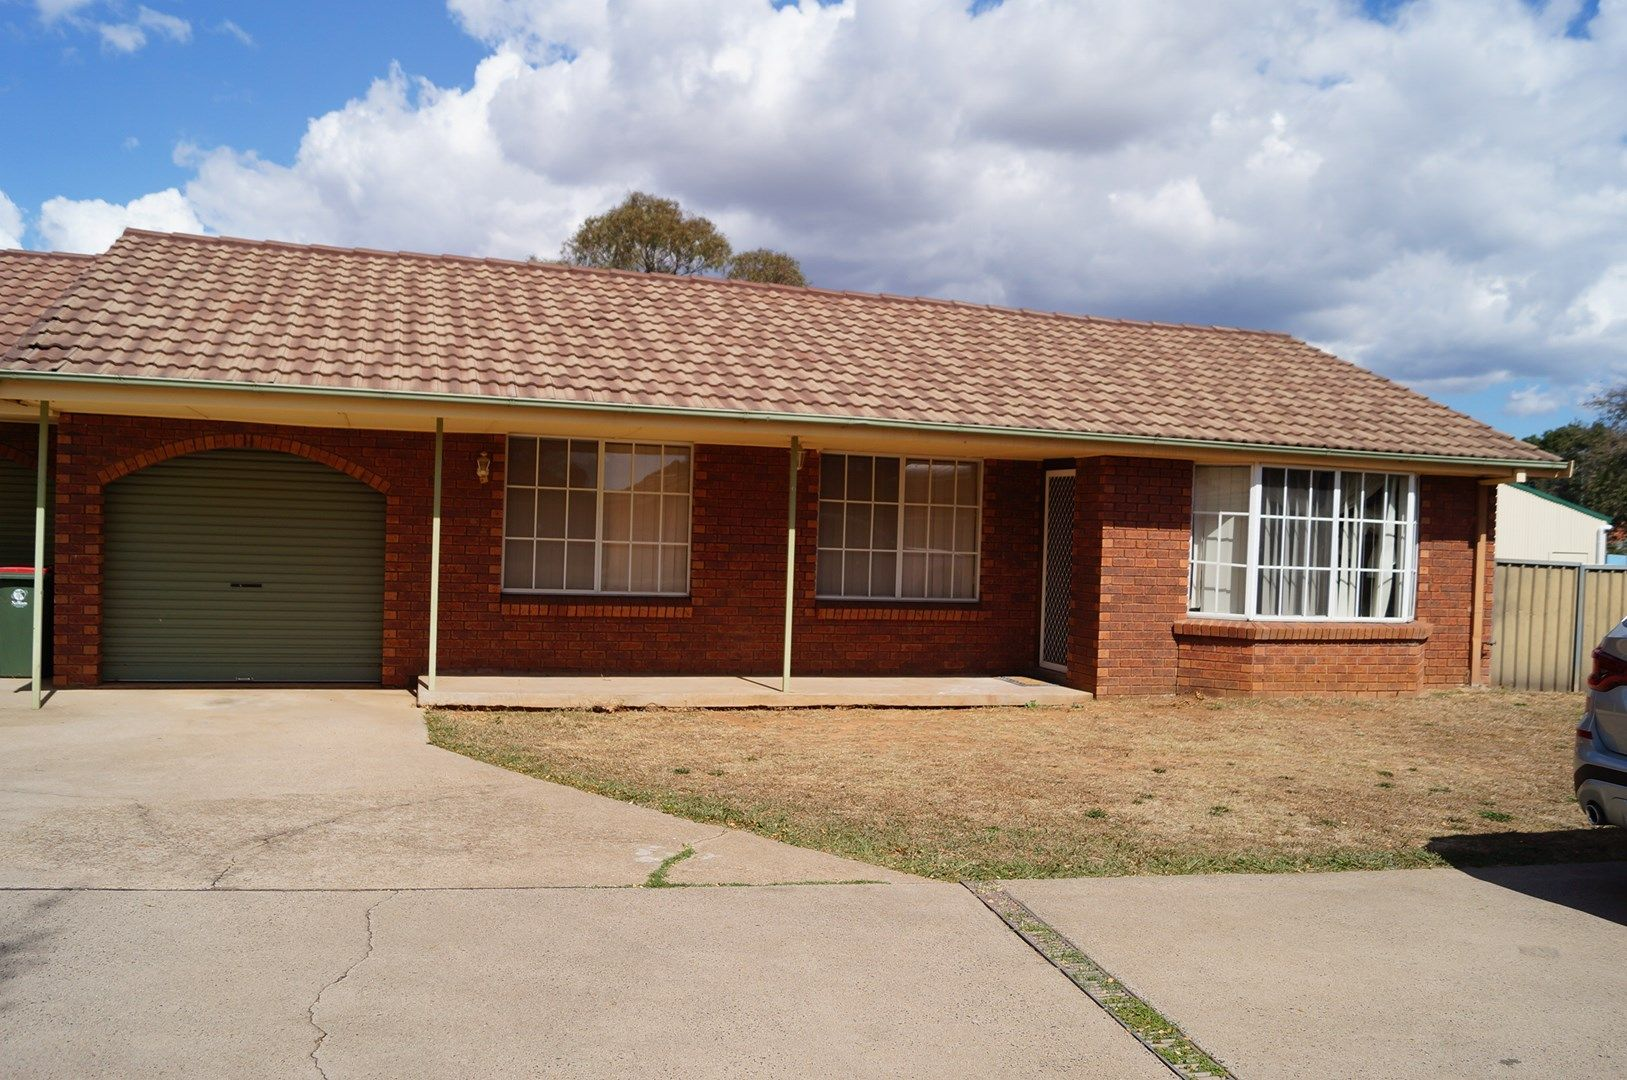 6/65 Edward Street, Orange NSW 2800, Image 0